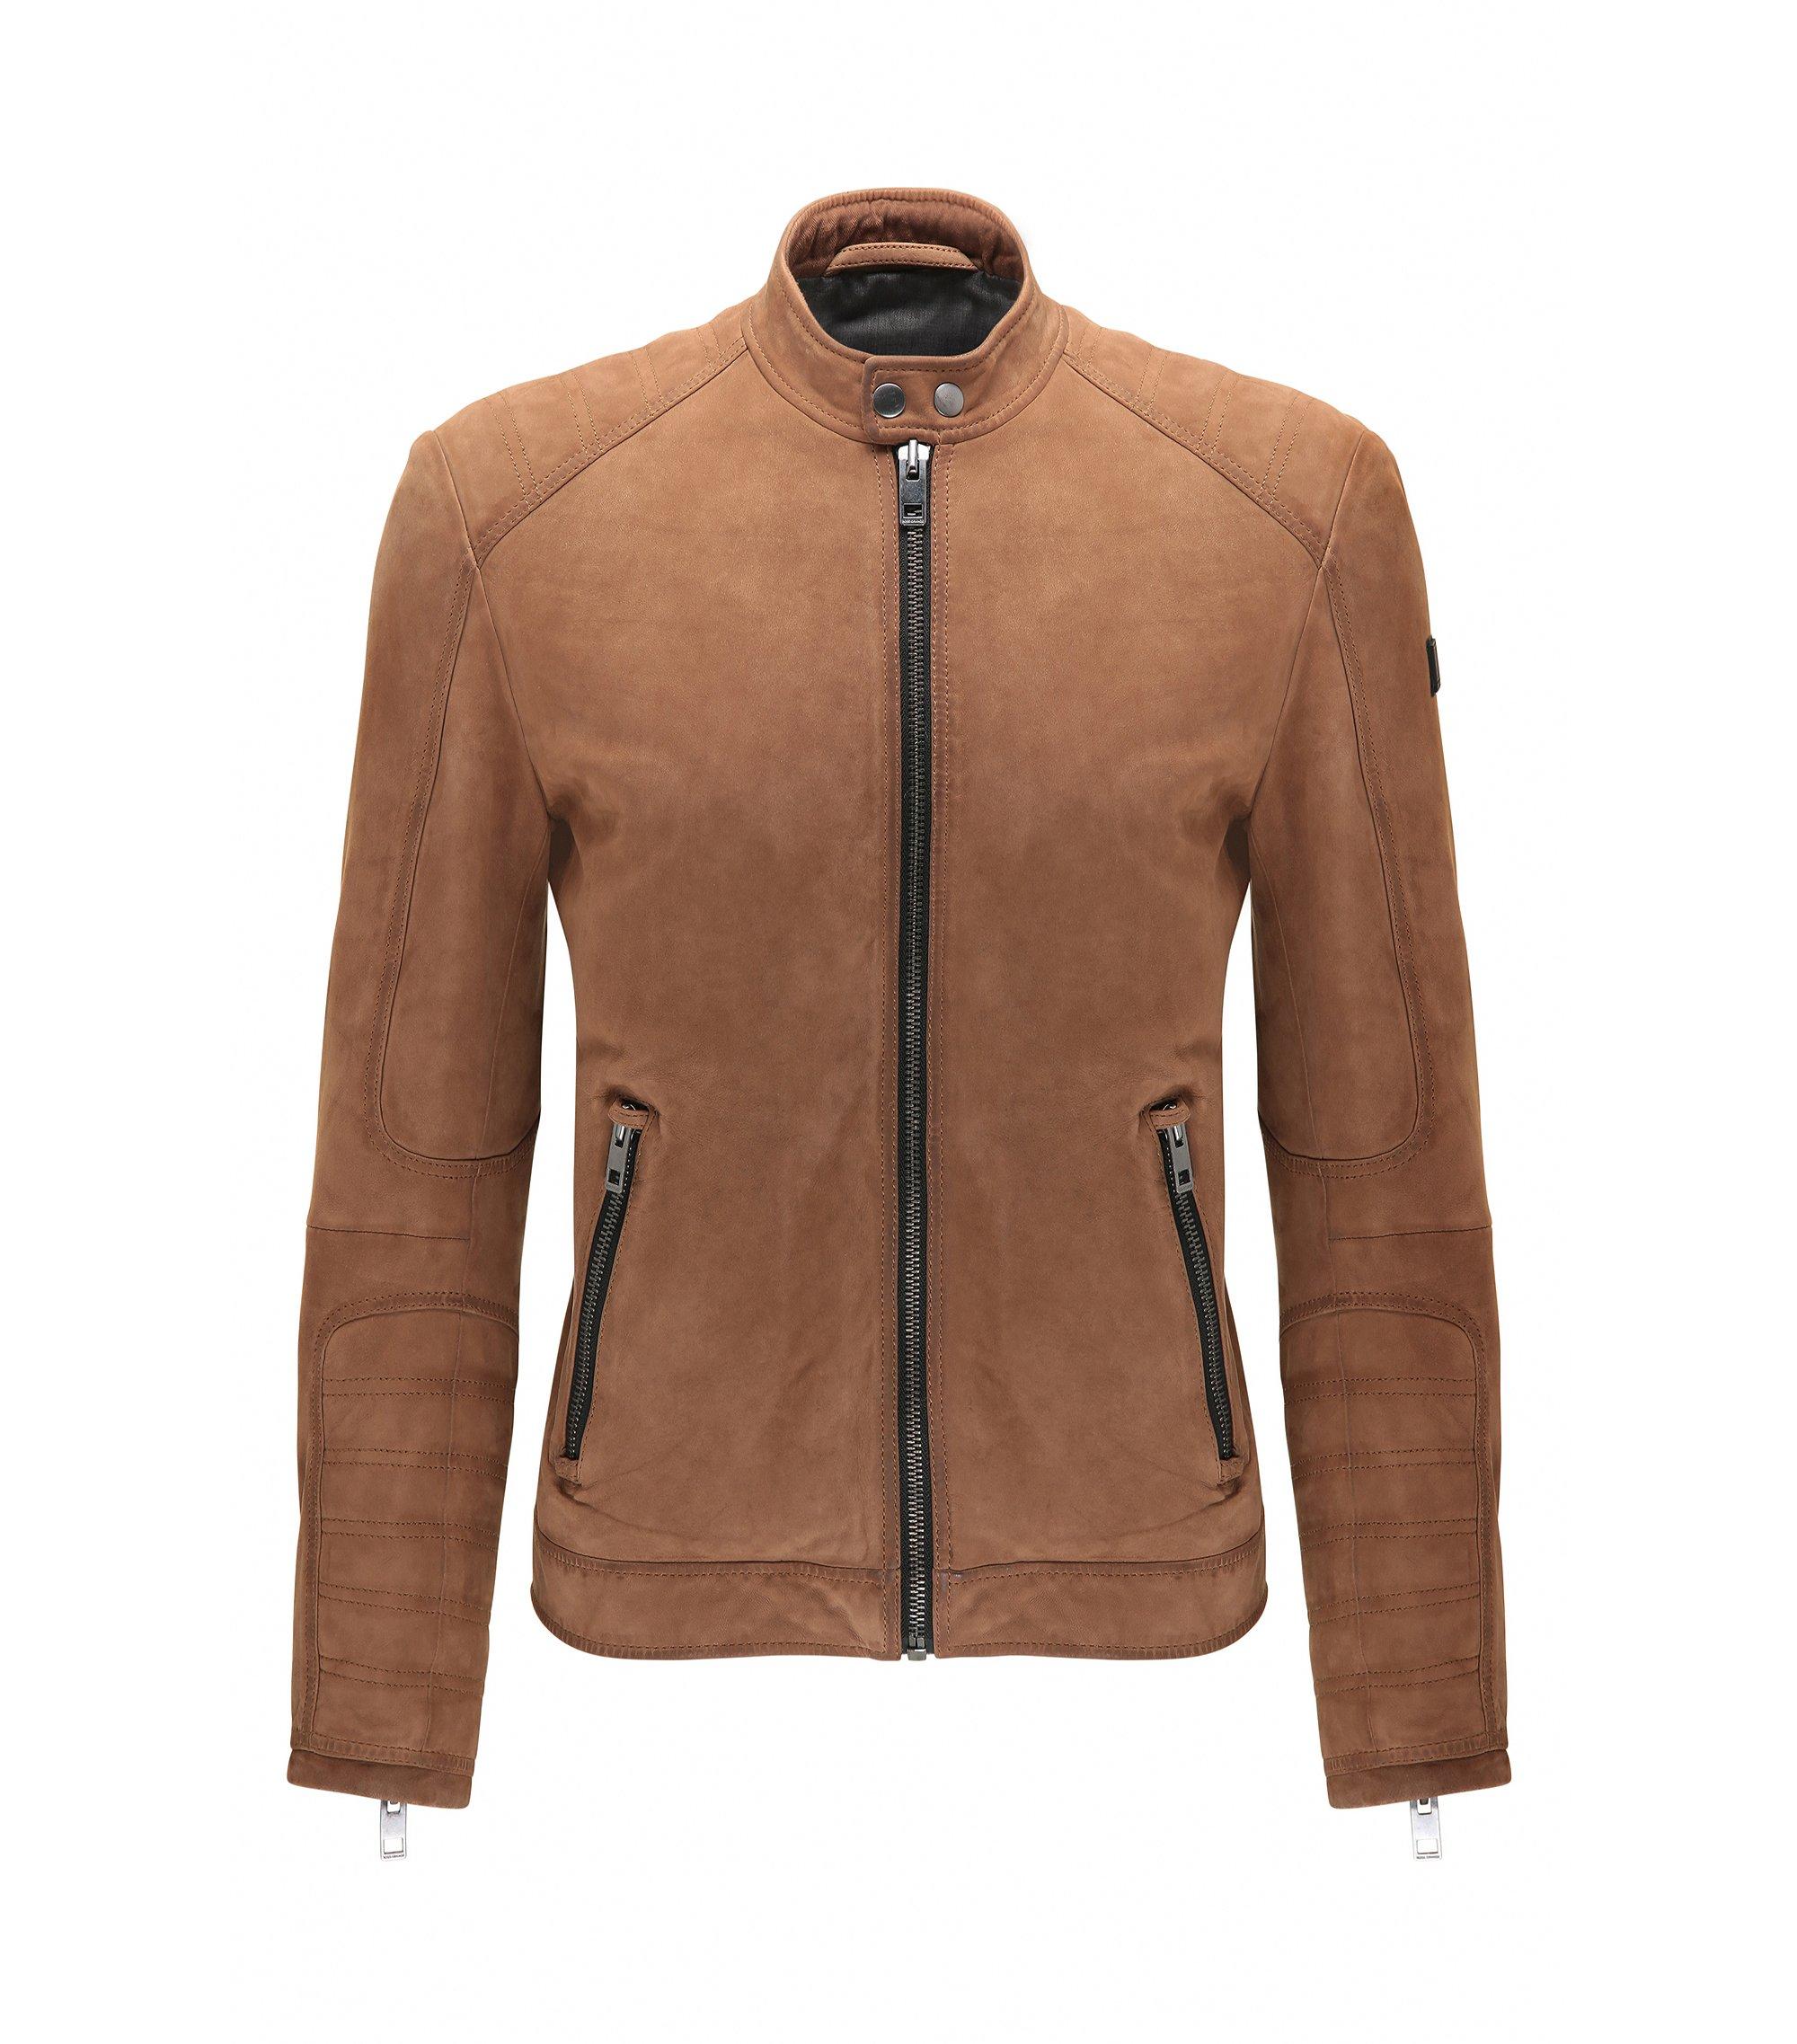 Suede Jacket, Slim Fit | Jondrix, Beige